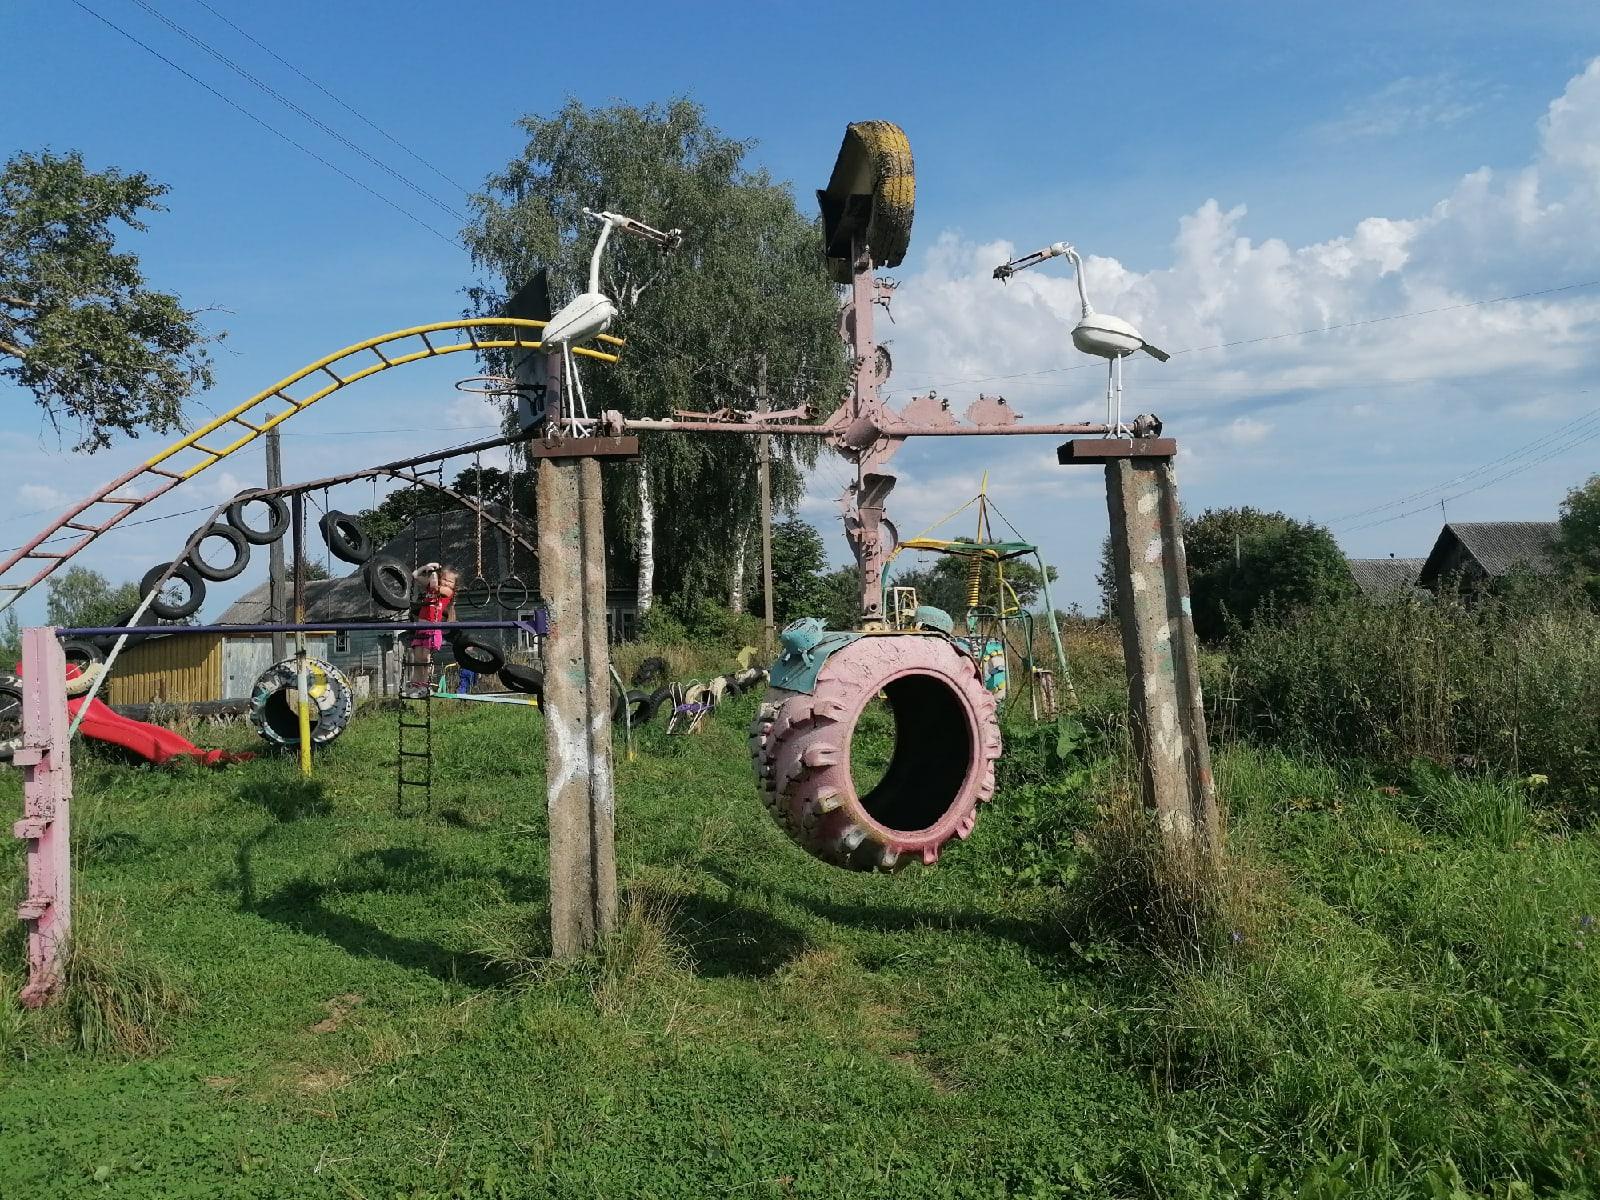 Суровая детская площадка в Тверской области - Фото